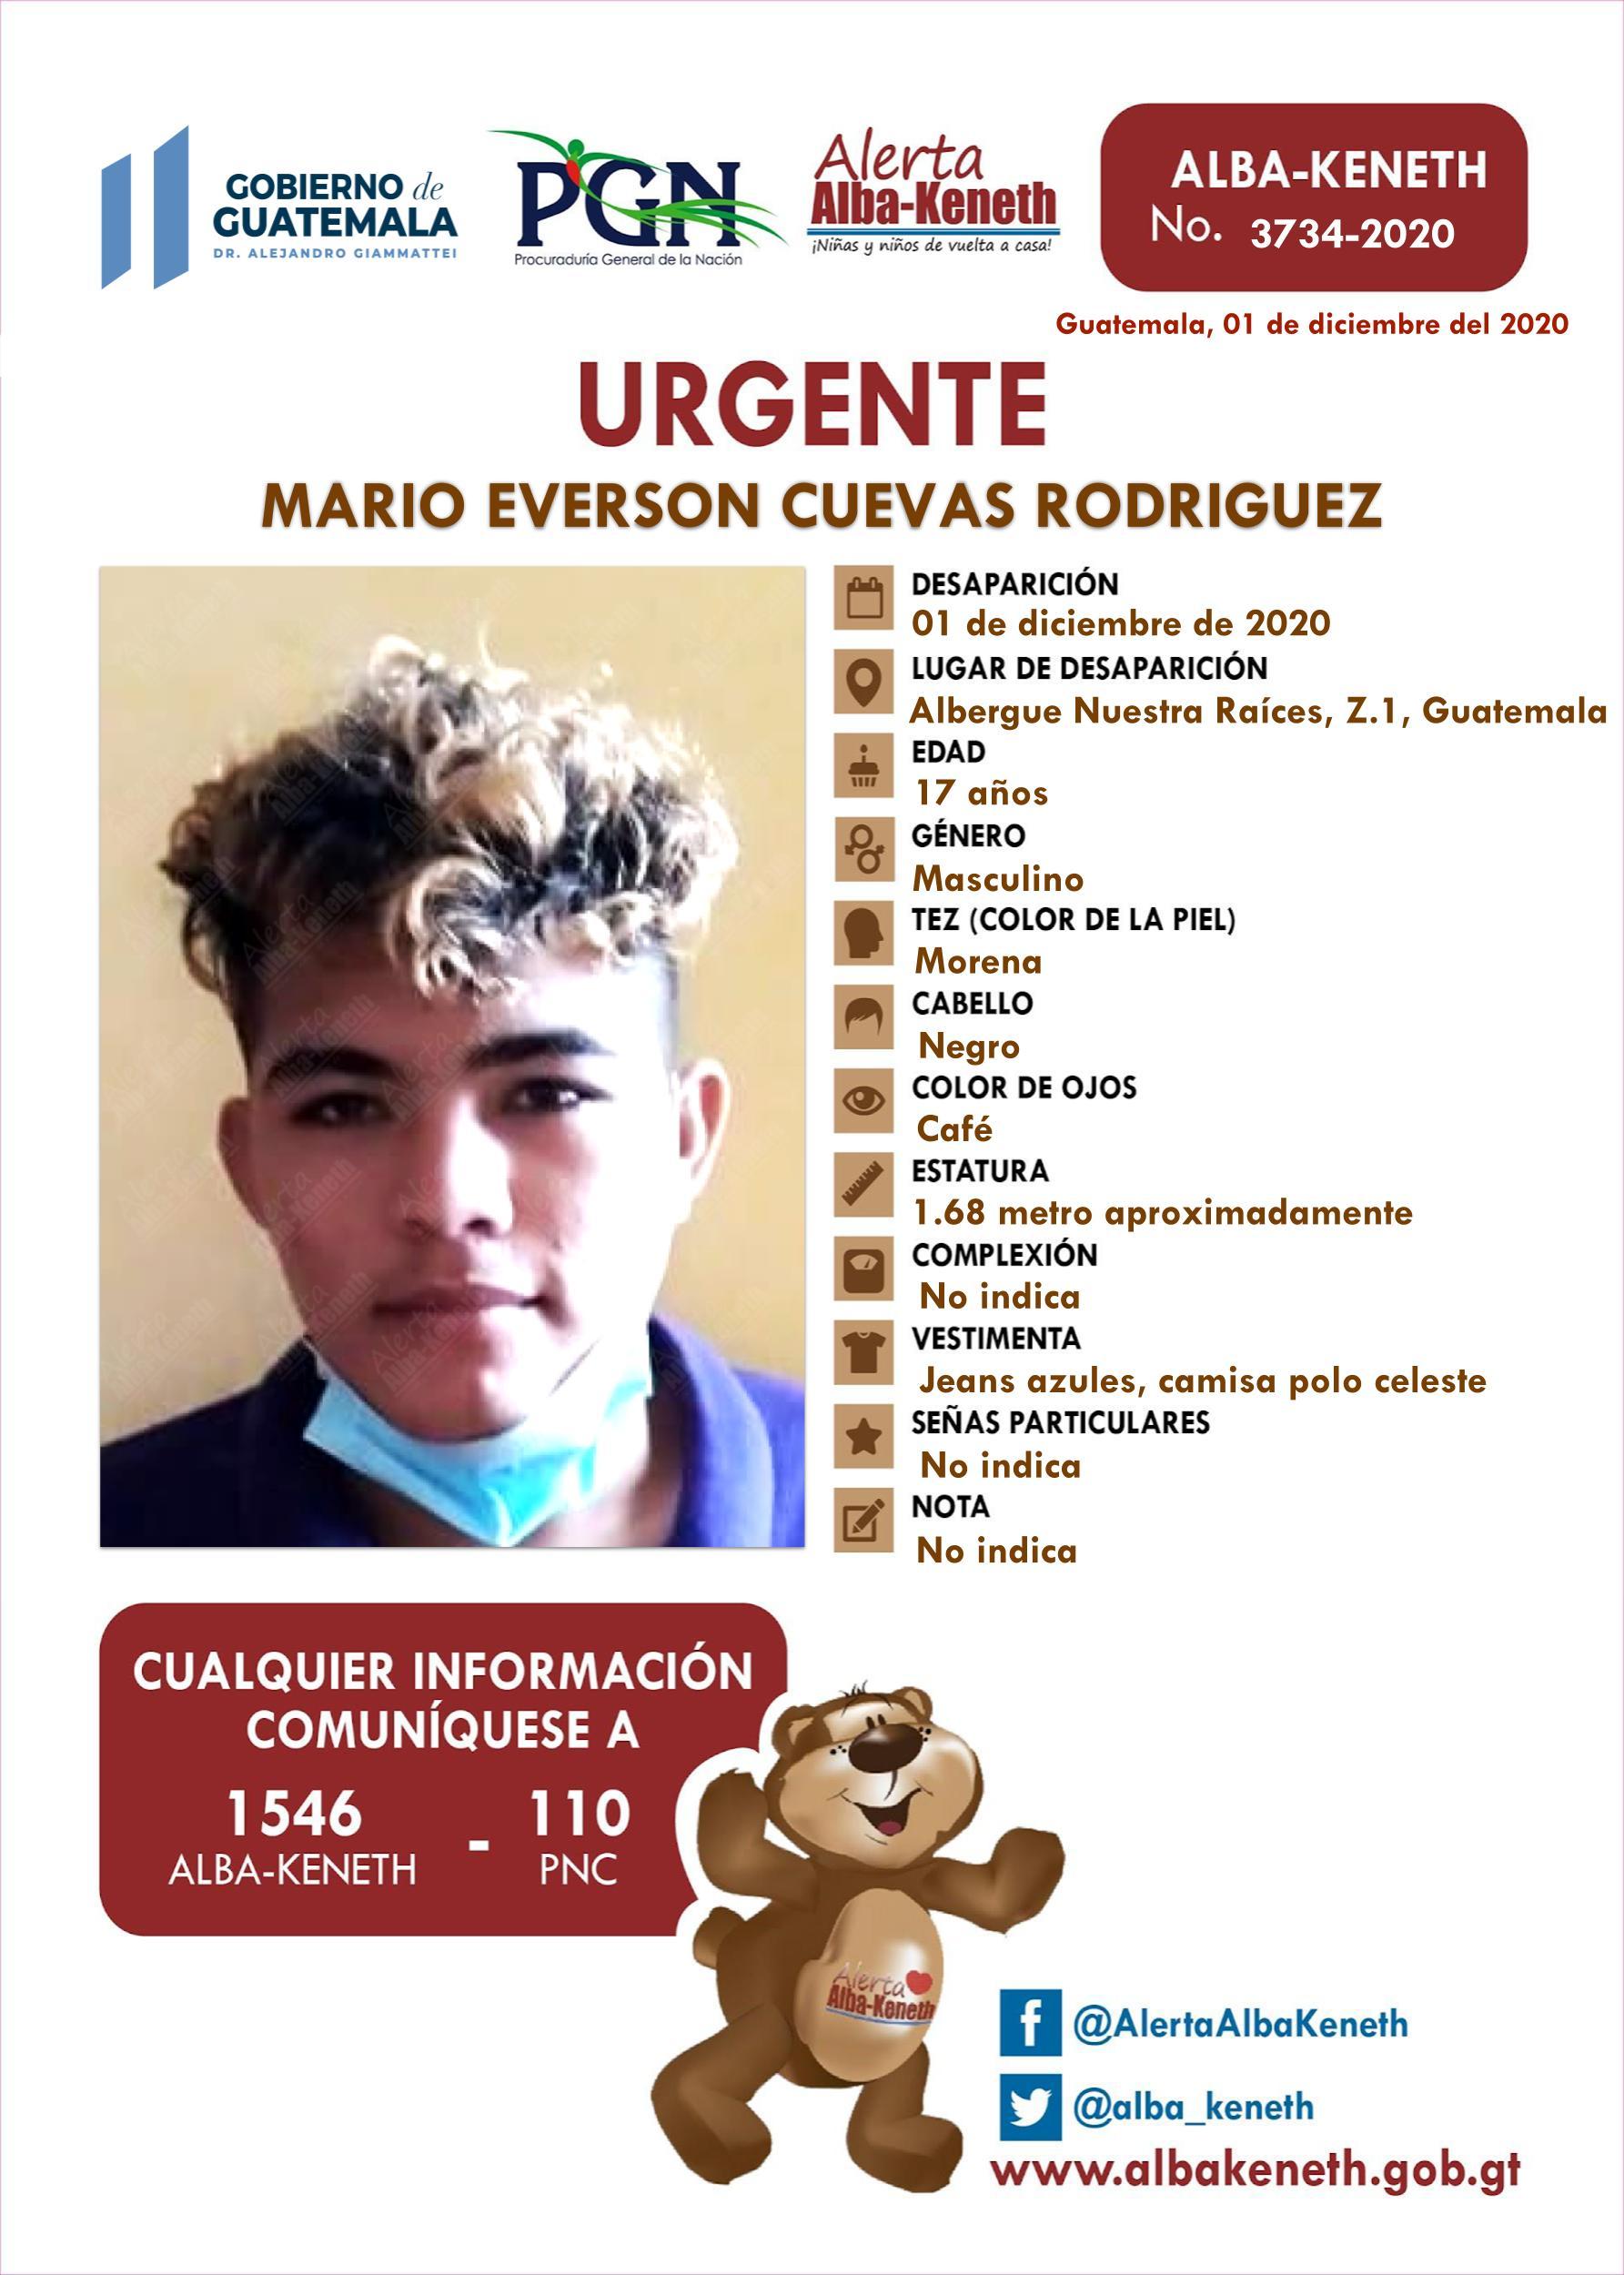 Mario Everson Cuevar Rodriguez